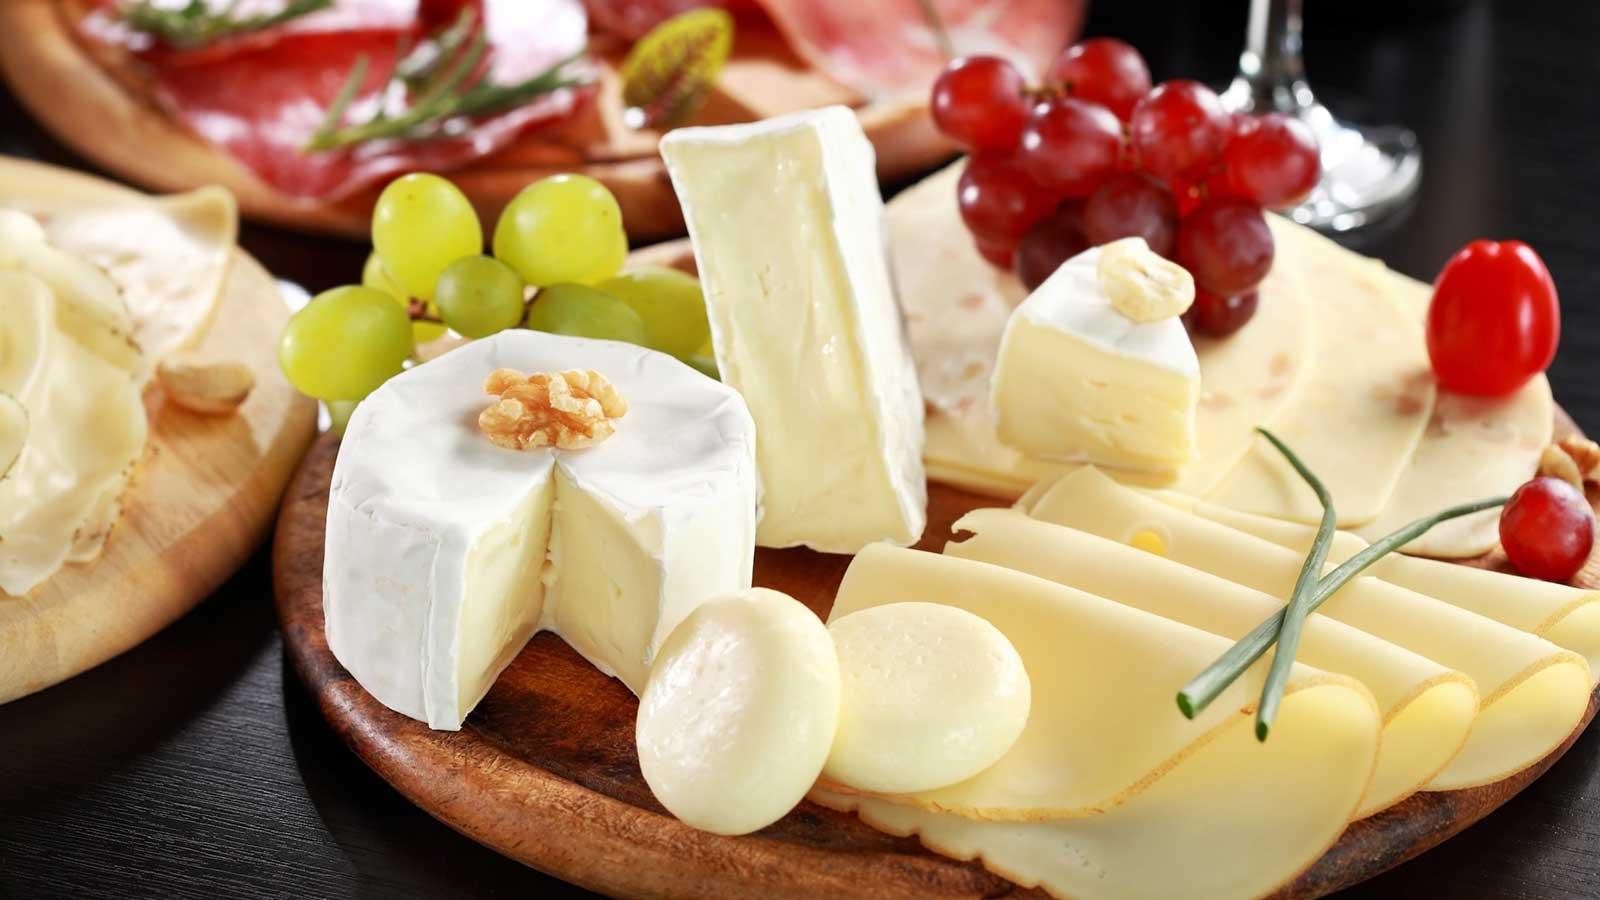 Turkish Cheeses